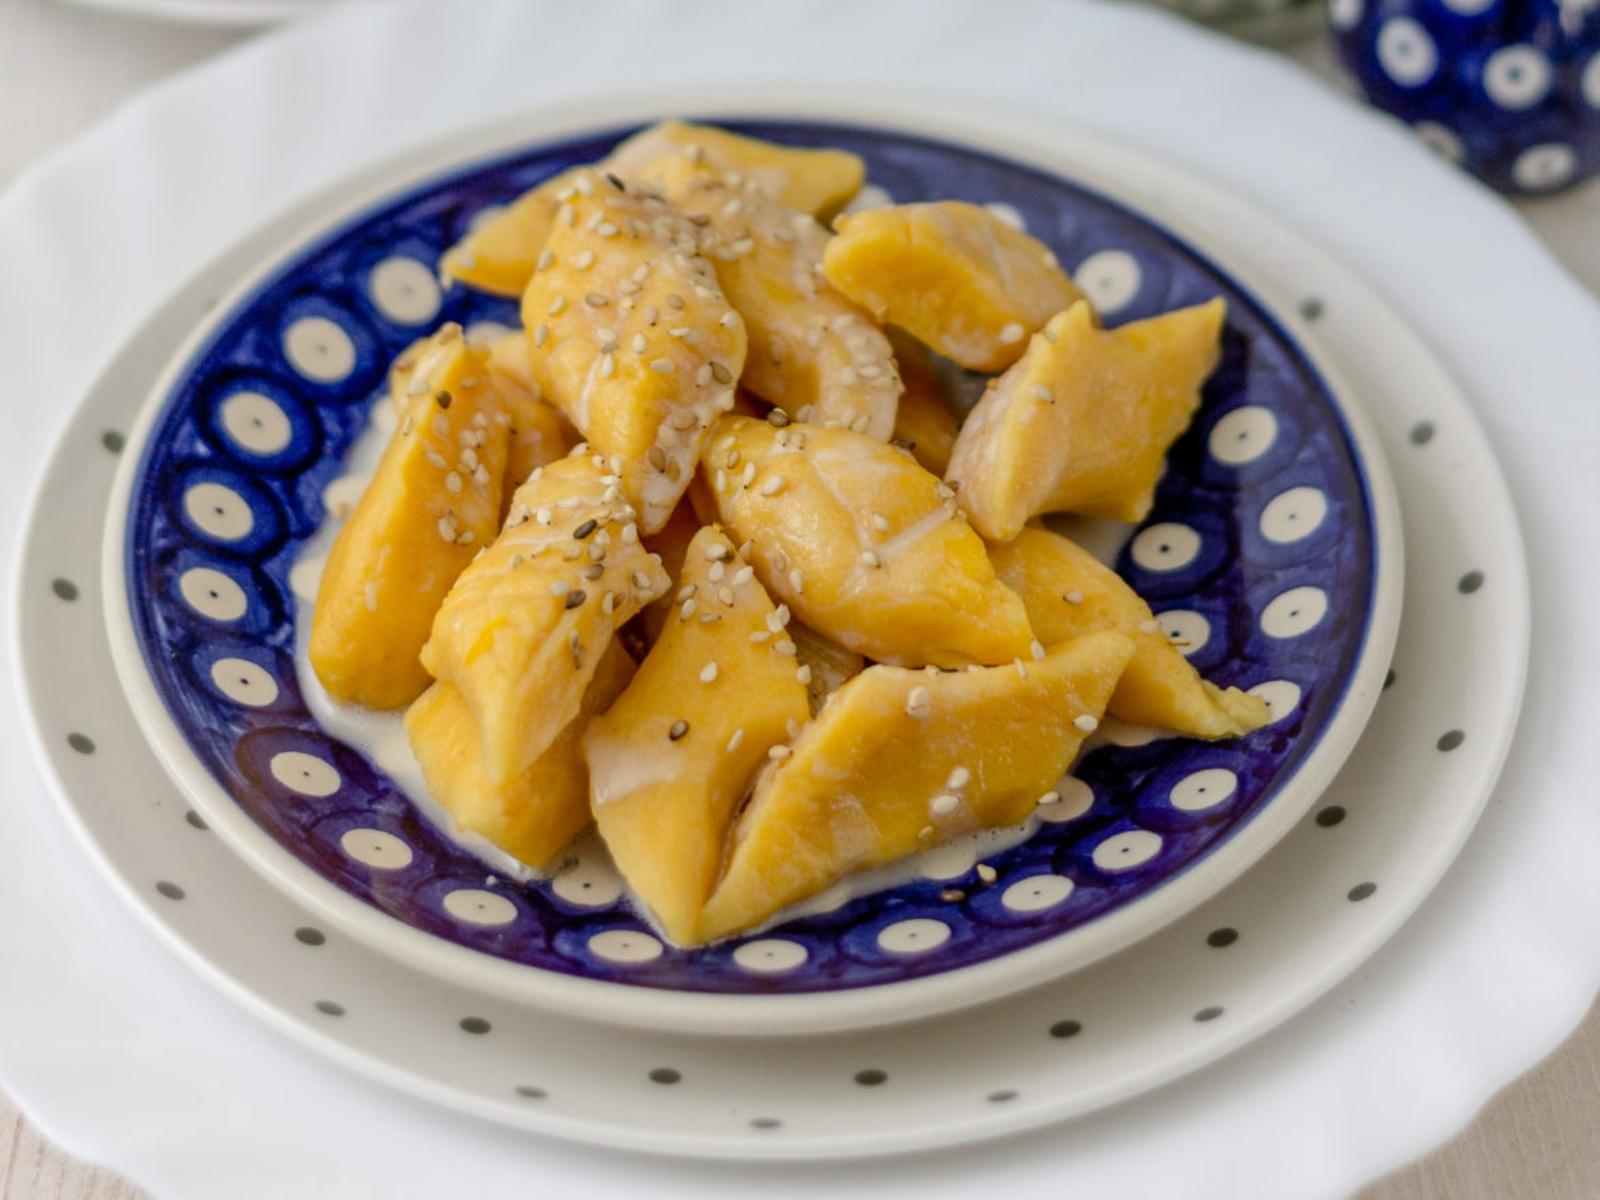 Orange Dumplings with Halva Sauce